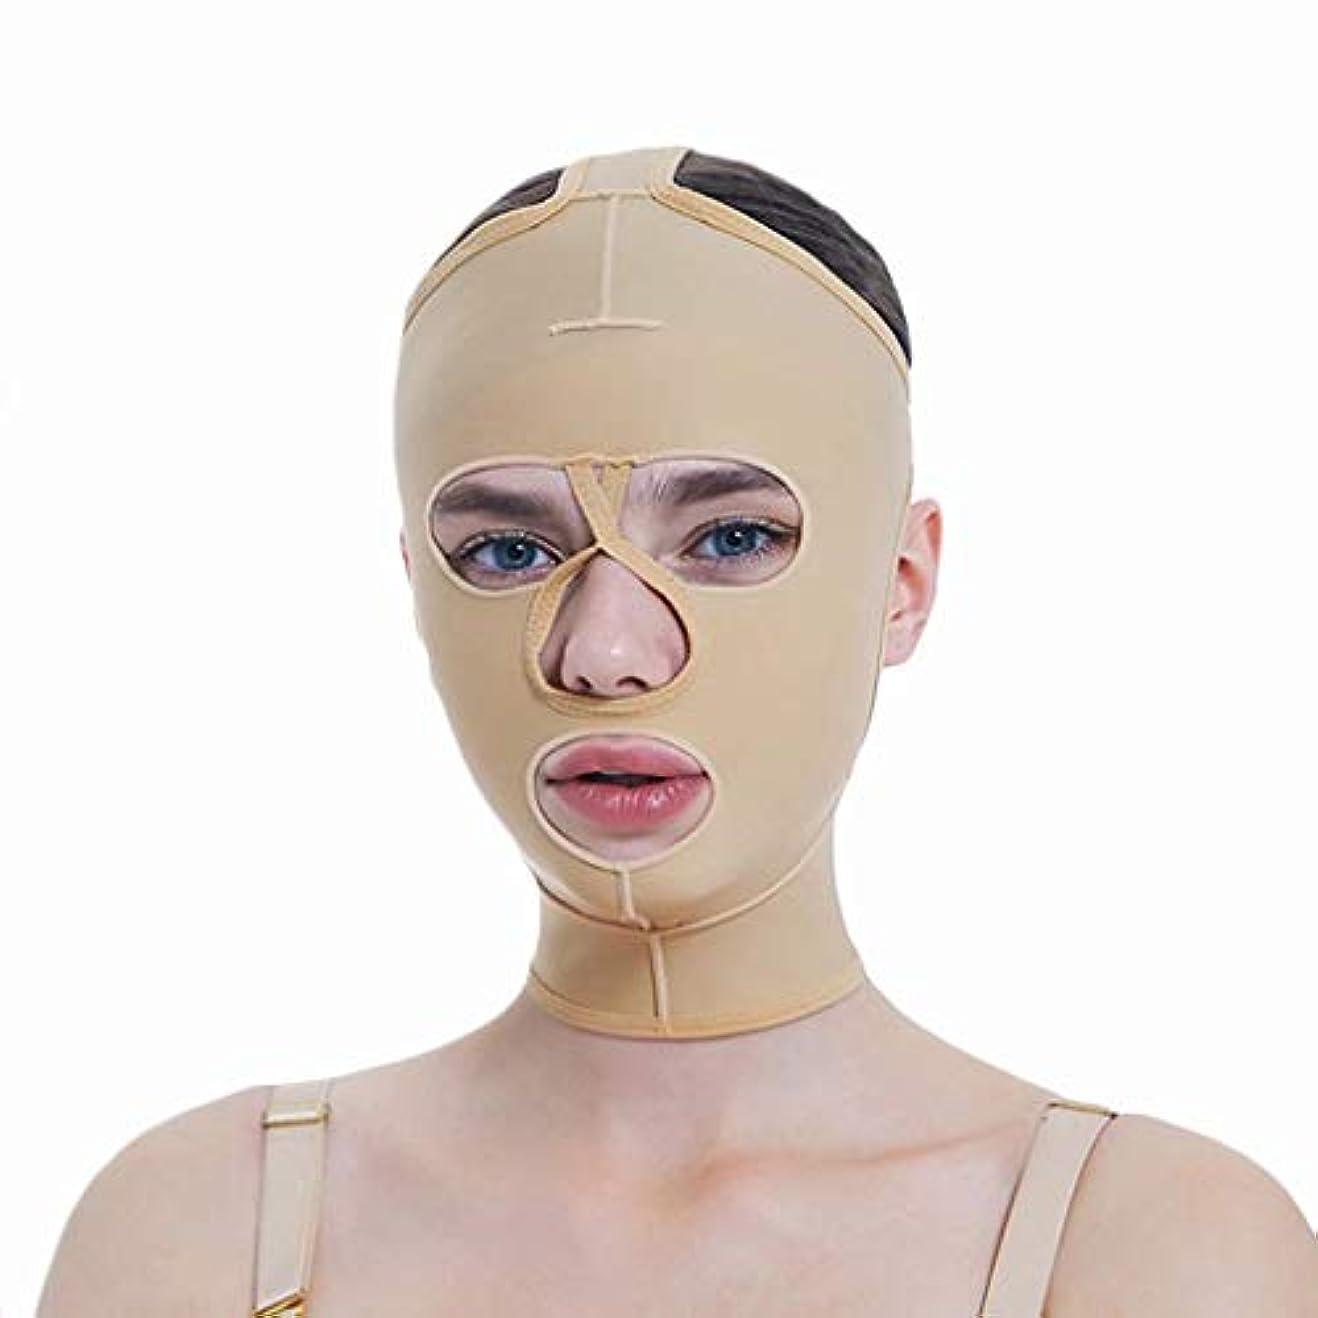 ソーセージ棚失業者フェイシャル減量マスク、フルカバレッジ包帯、フルフェイスリフティングマスク、フェイスマスク、快適で リフティングシェーピング(サイズ:S),XXL